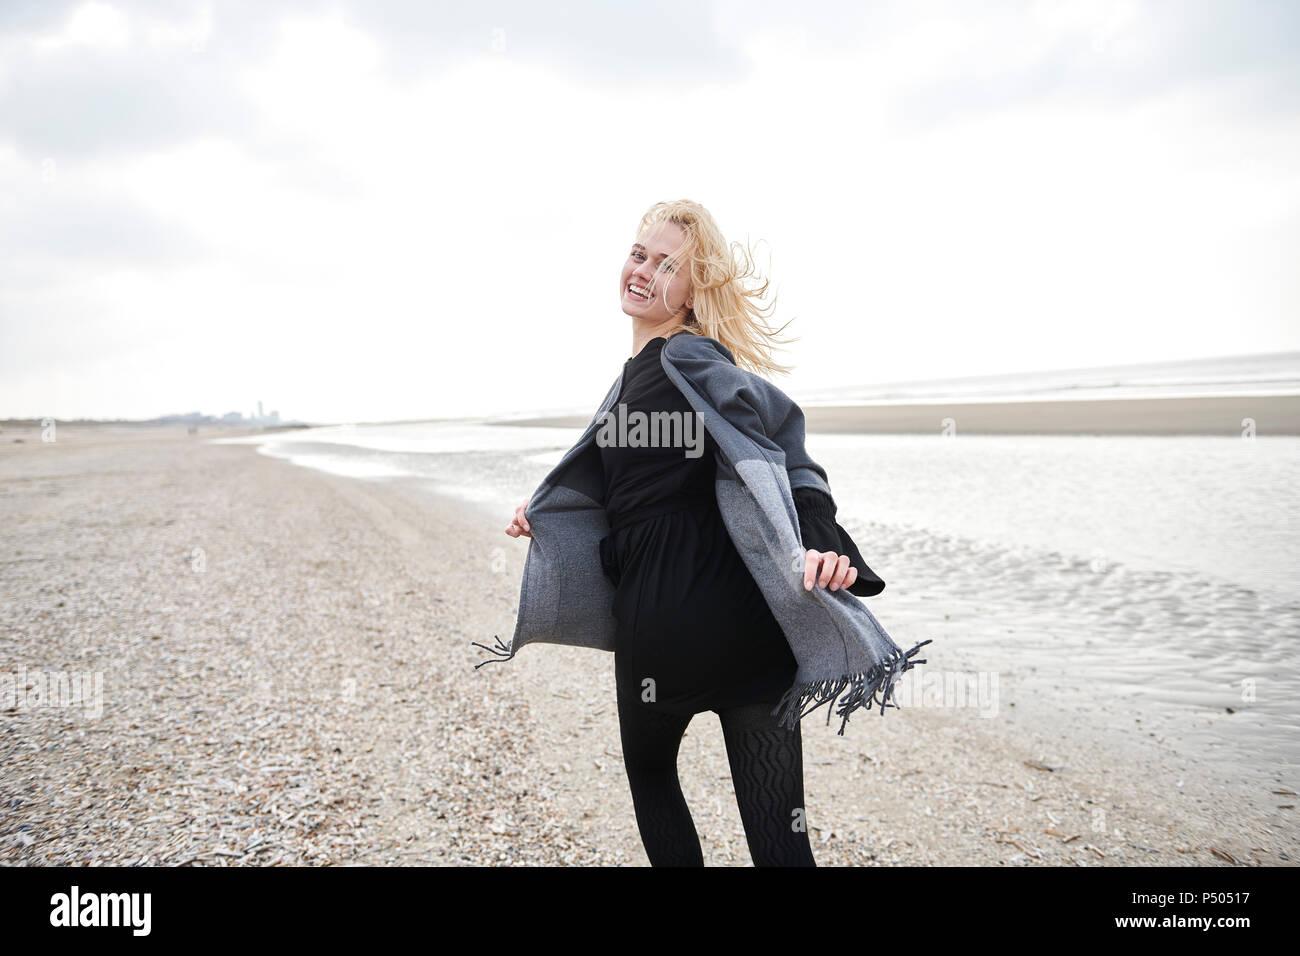 Niederlande, Porträt der blonde junge Frau, die auf den Strand Stockbild